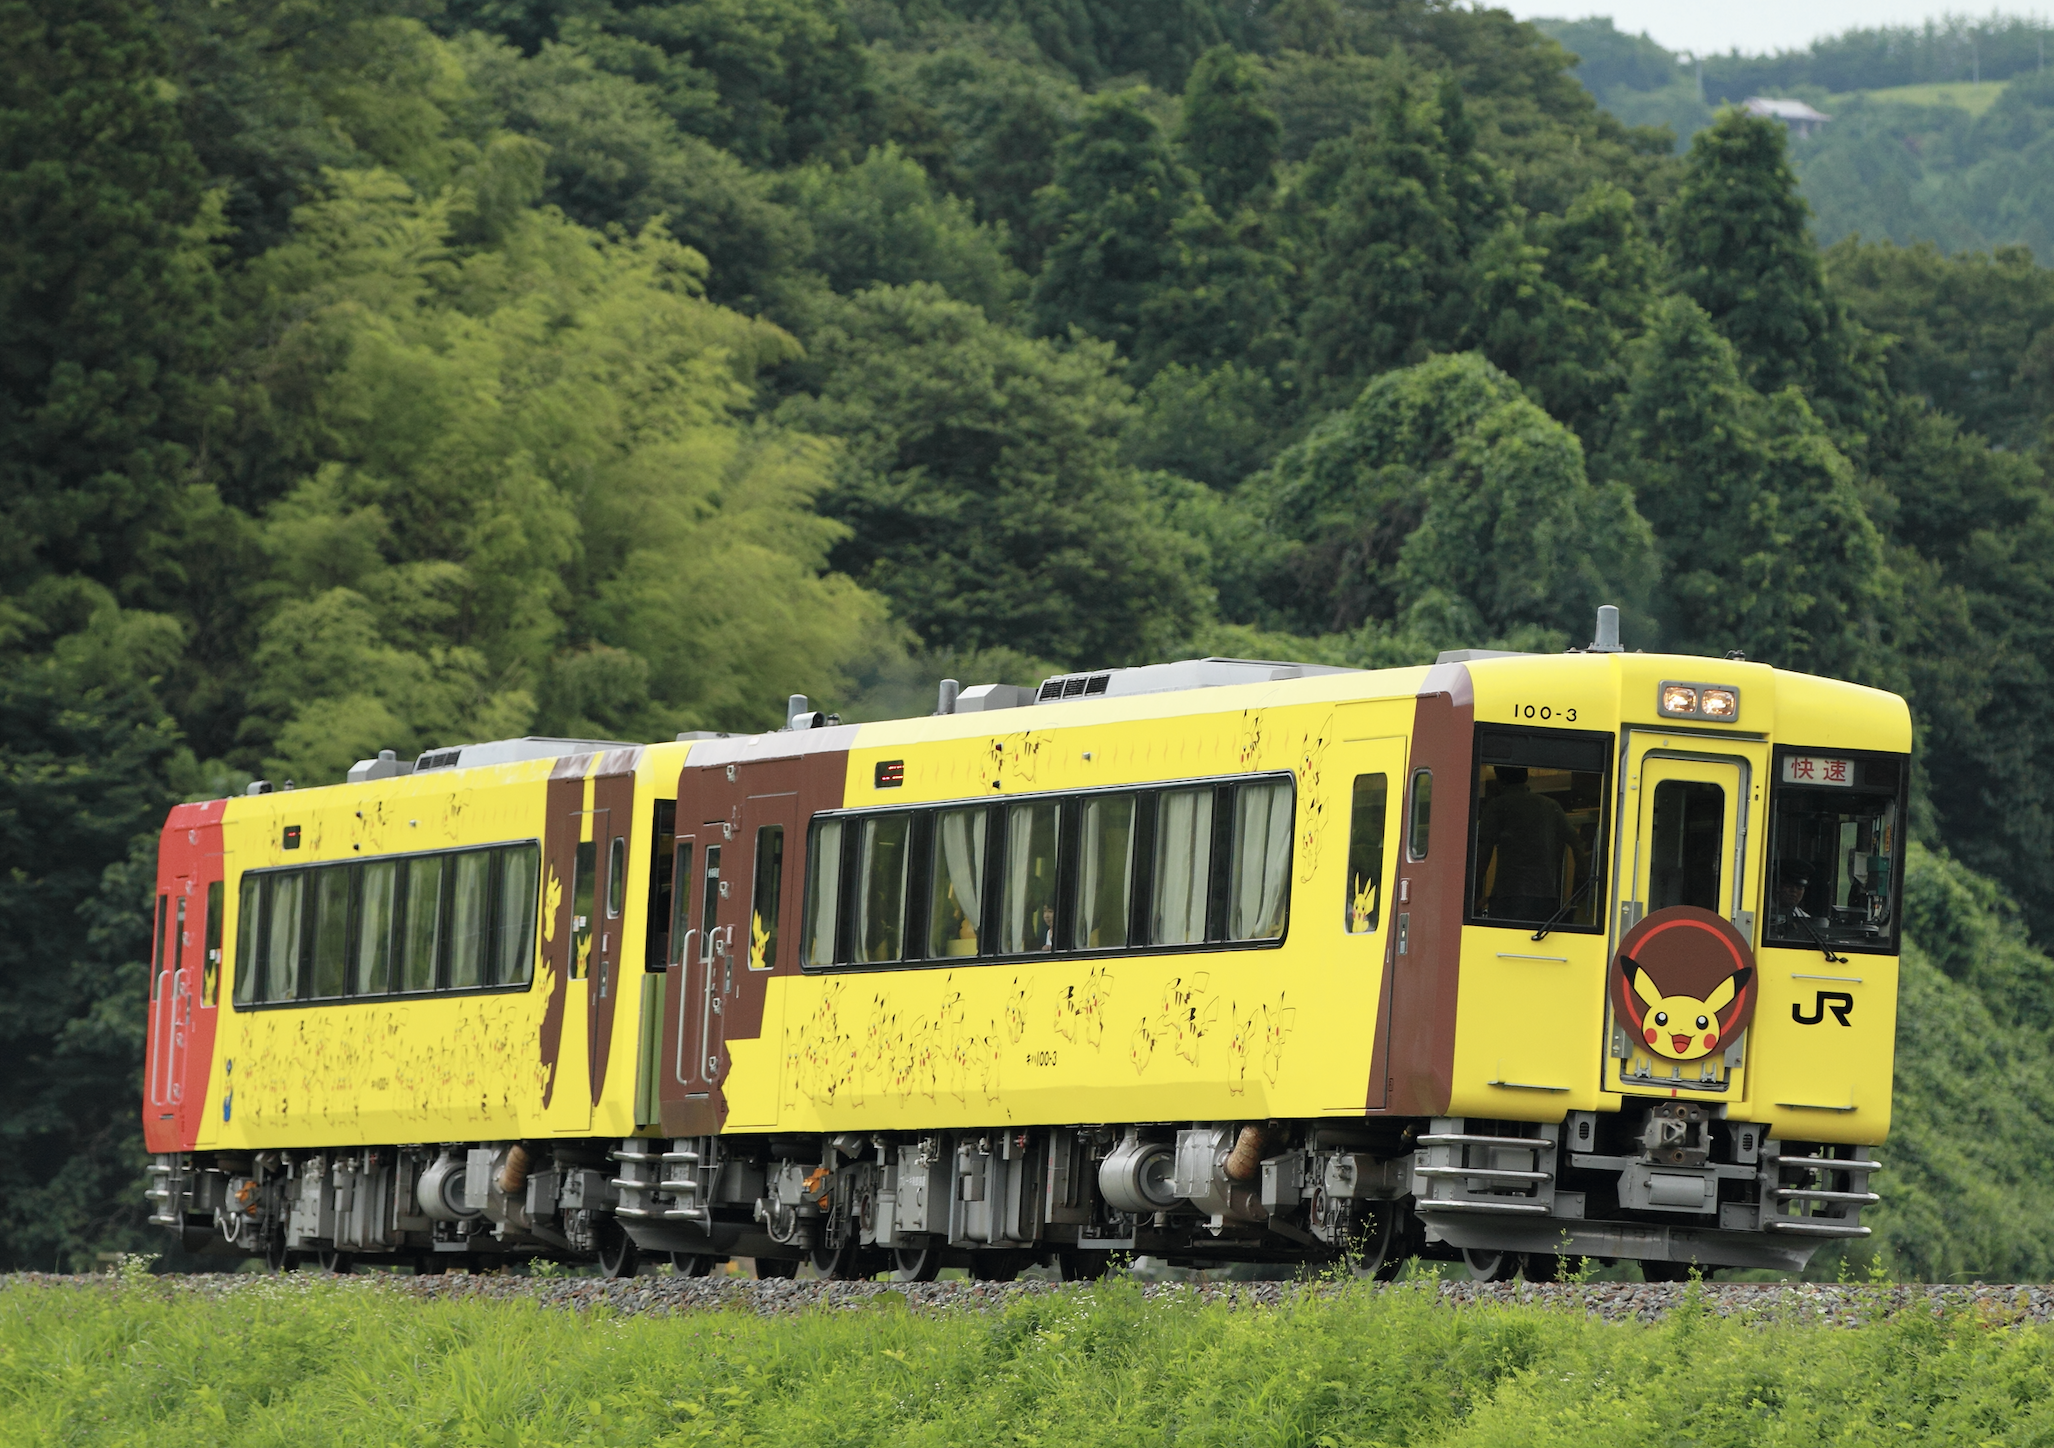 Pokémon with You Train